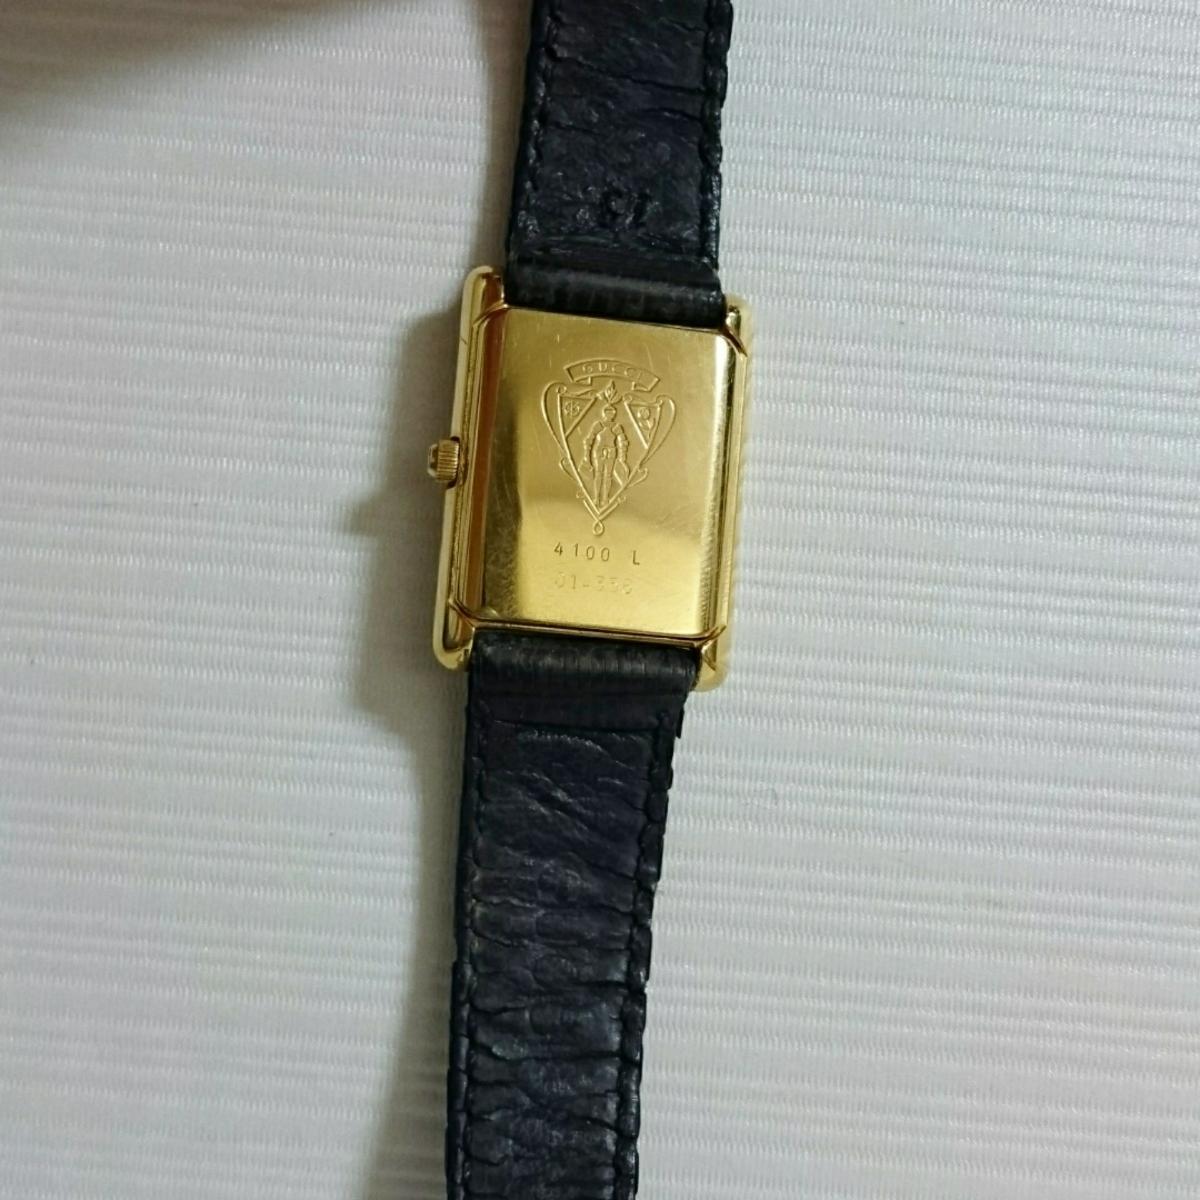 腕時計 グッチ 4100L スクエアブラック文字盤 レディース腕時計_画像4